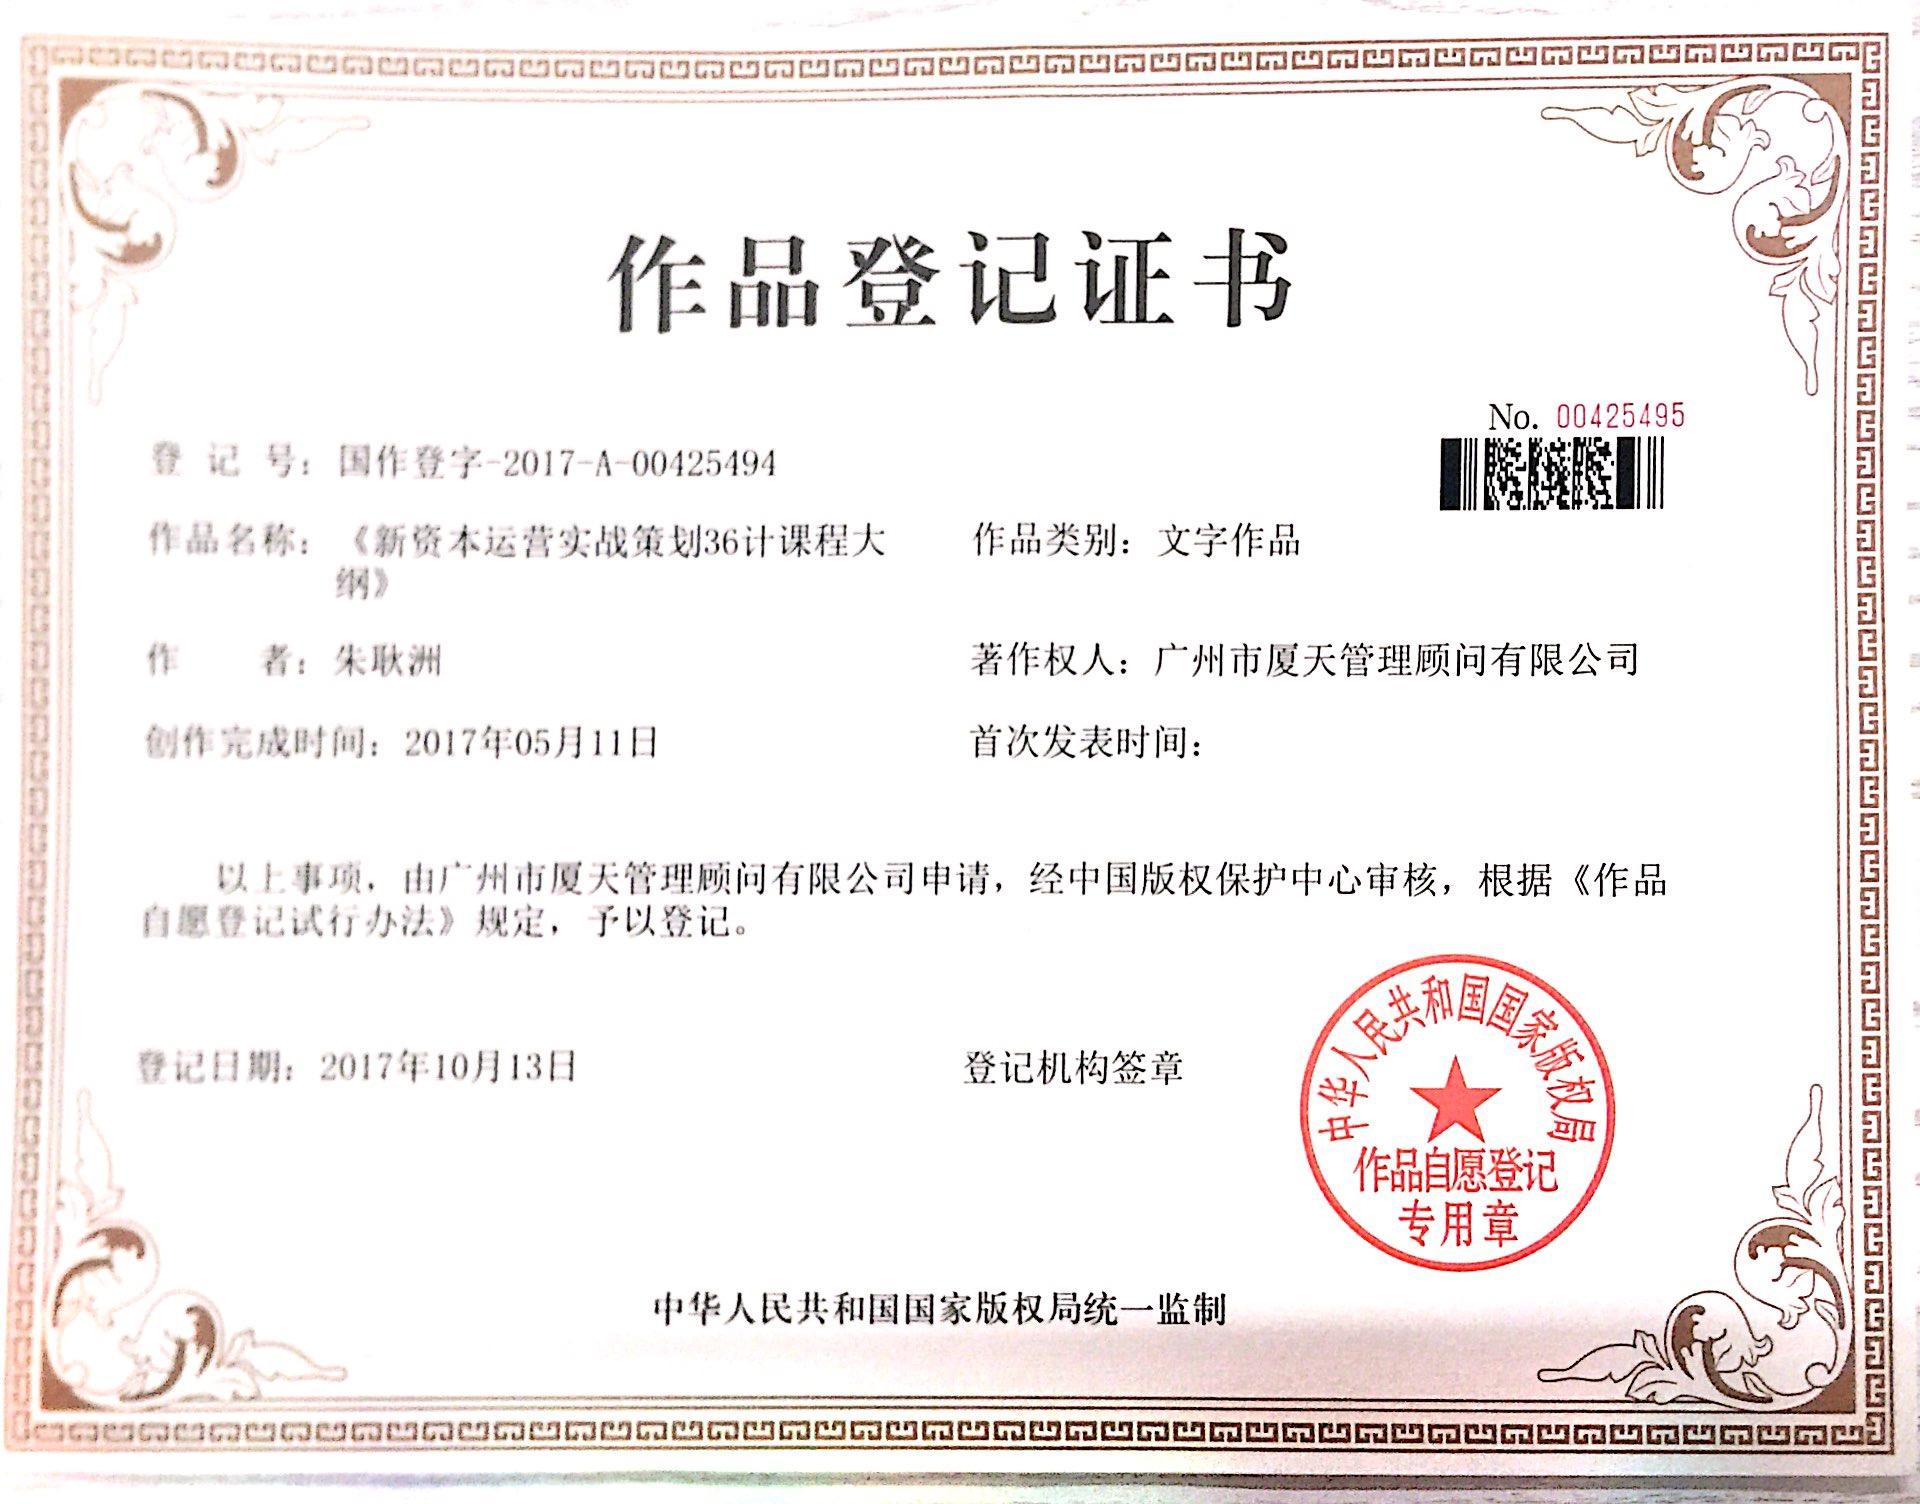 《新资本运营实战策划36计》版权证书